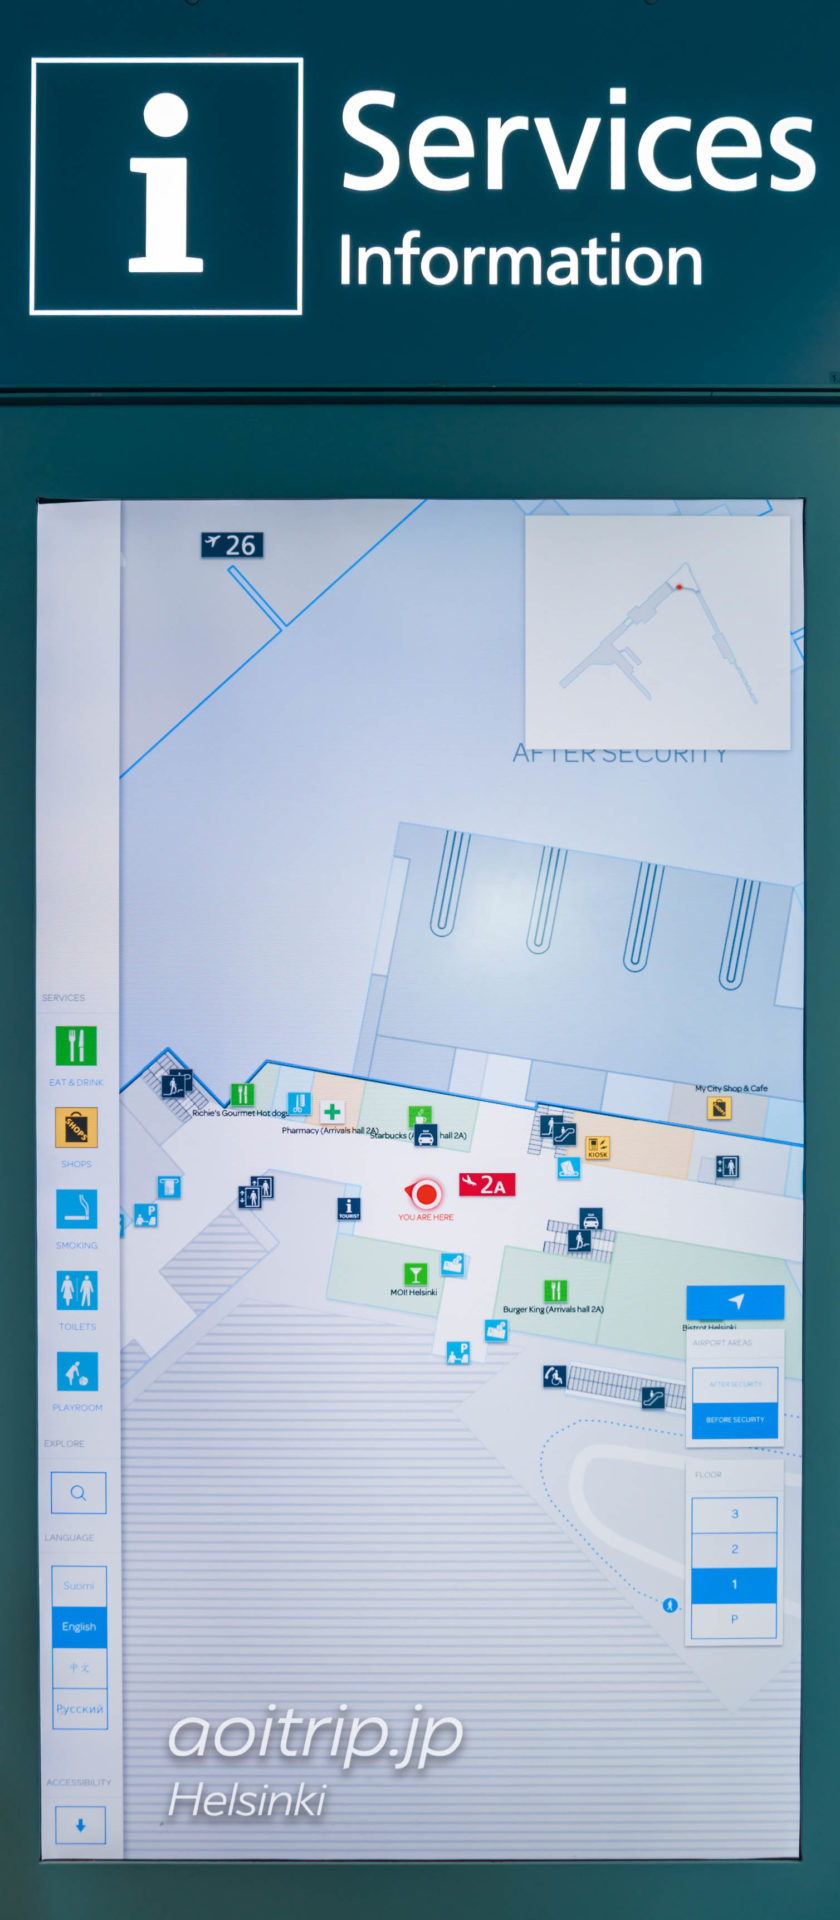 ヘルシンキ空港 SIMカードを購入できるキオスクの場所